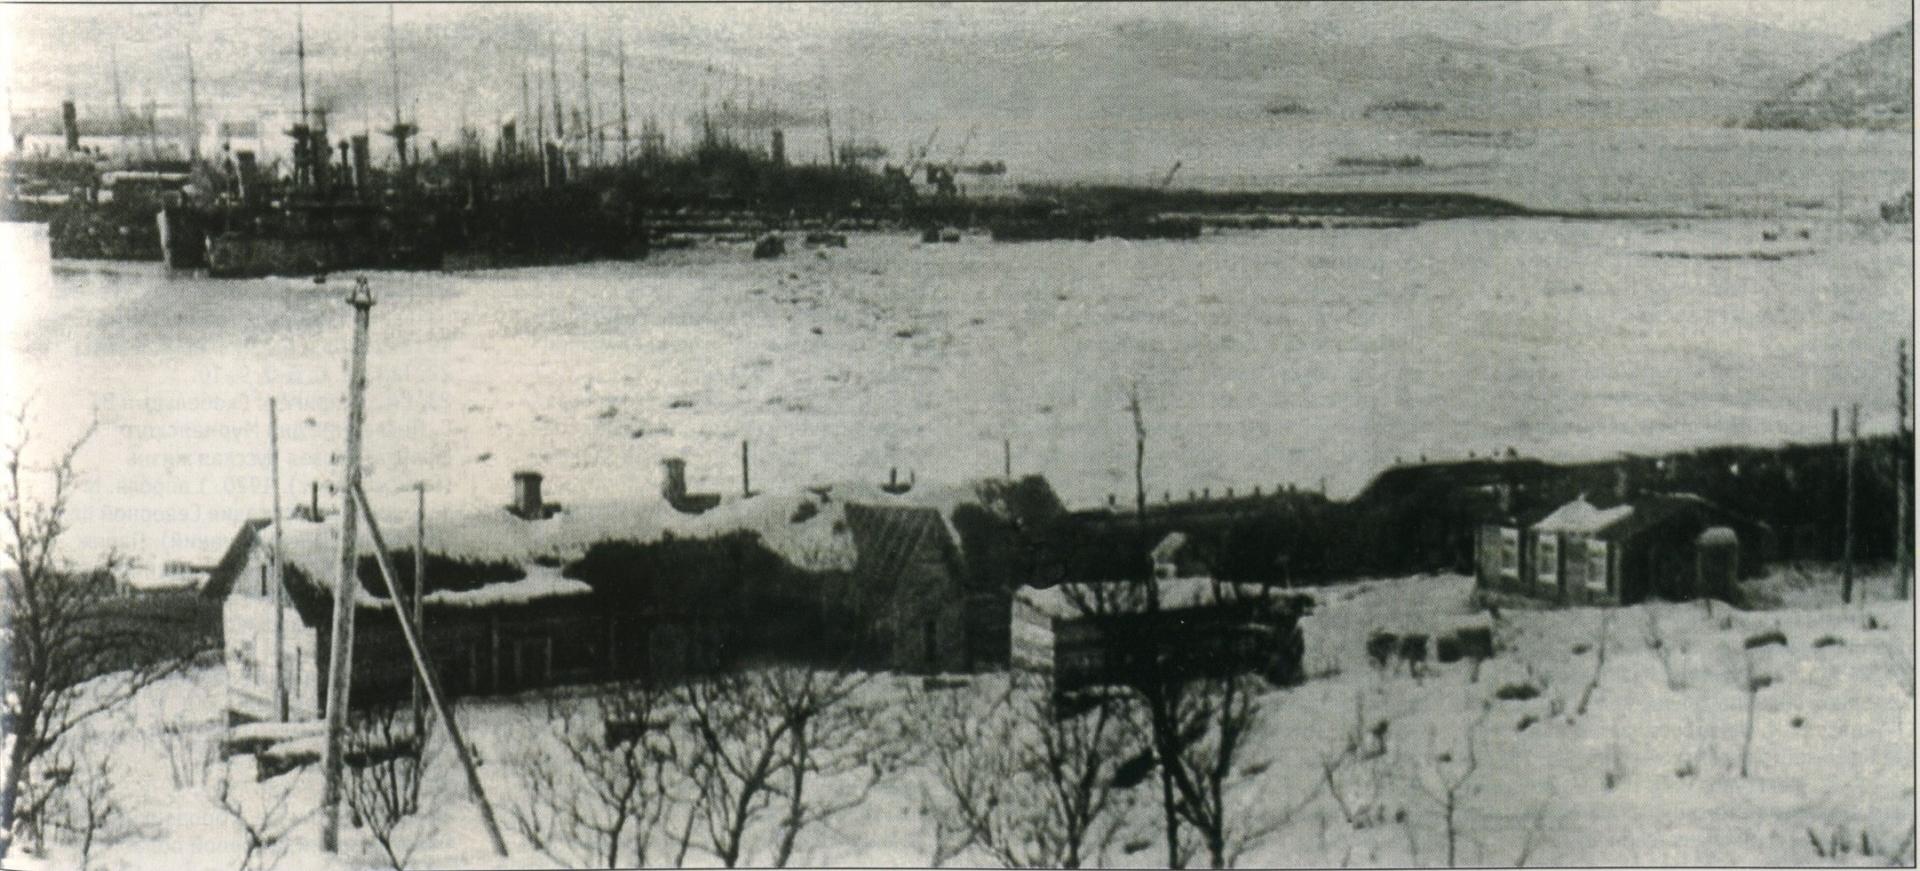 Интервенция Антанты против России. Британская эскадра на мурманском рейде. Конец 1918